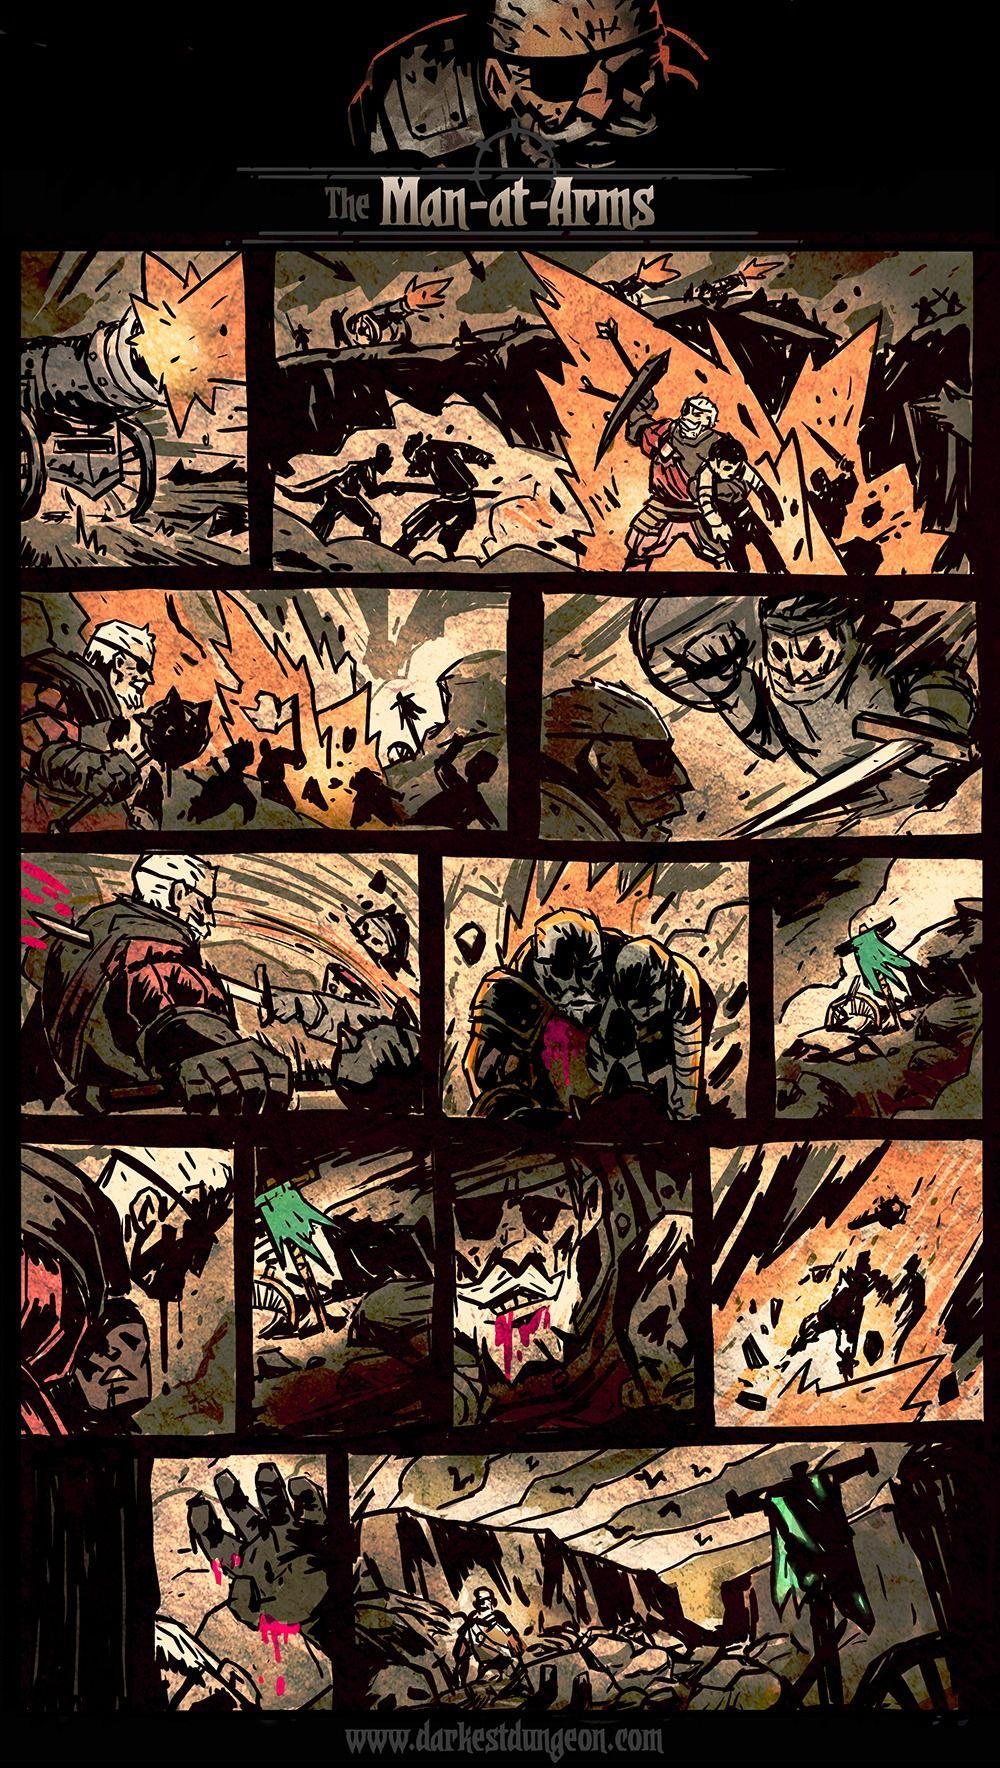 Pin by Ben Hair on Darkest Dungeon | Darkest dungeon, Dark fantasy, Dark